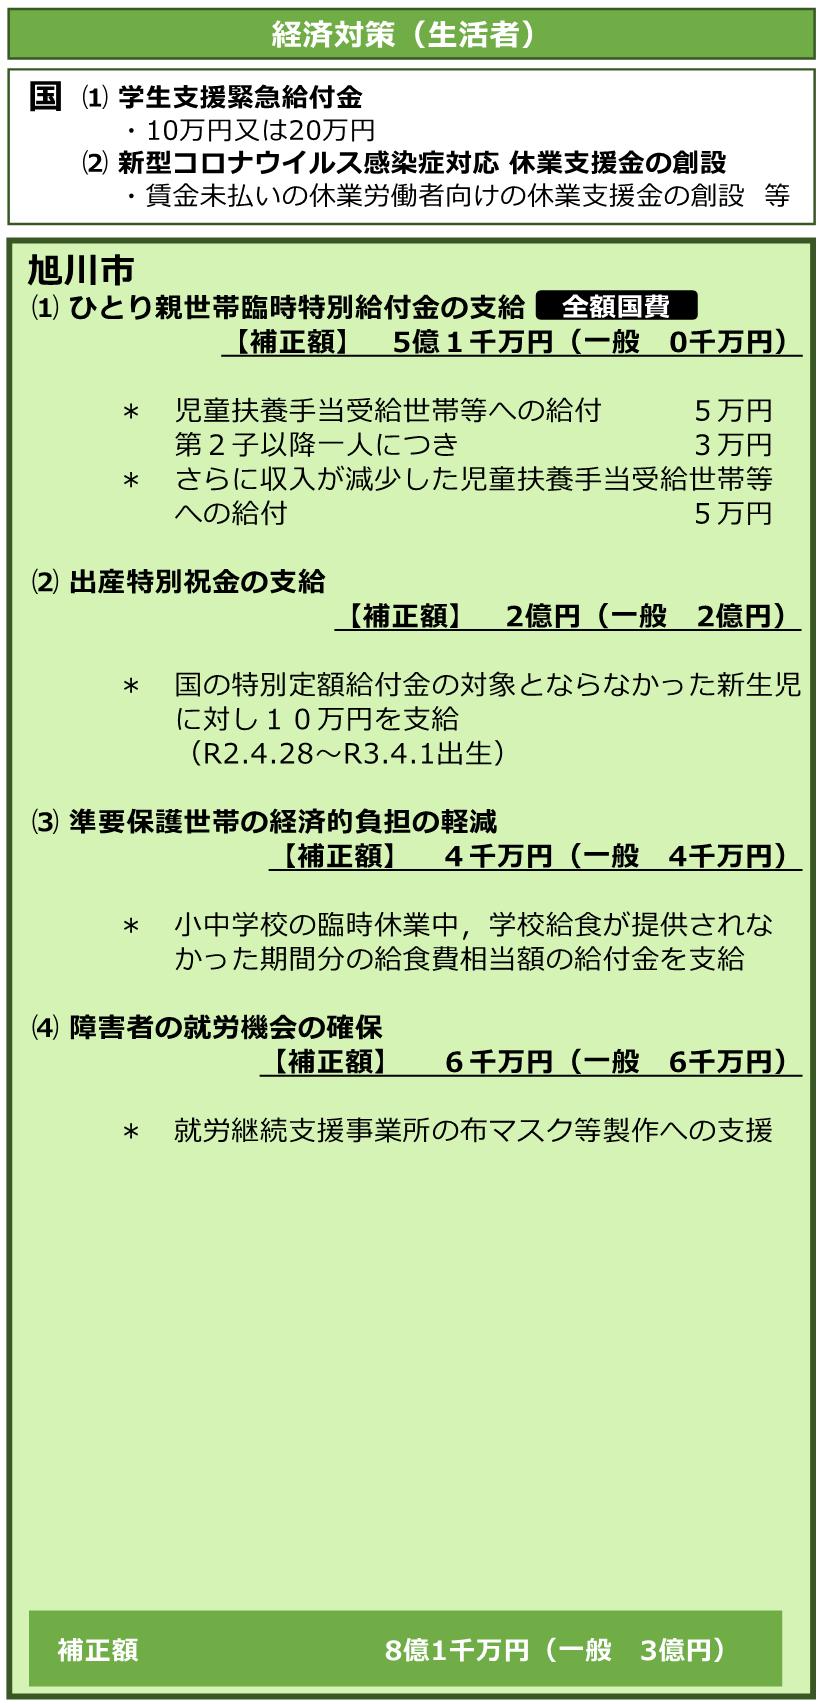 新型コロナウイルス感染症に関する第3次緊急対策 旭川市